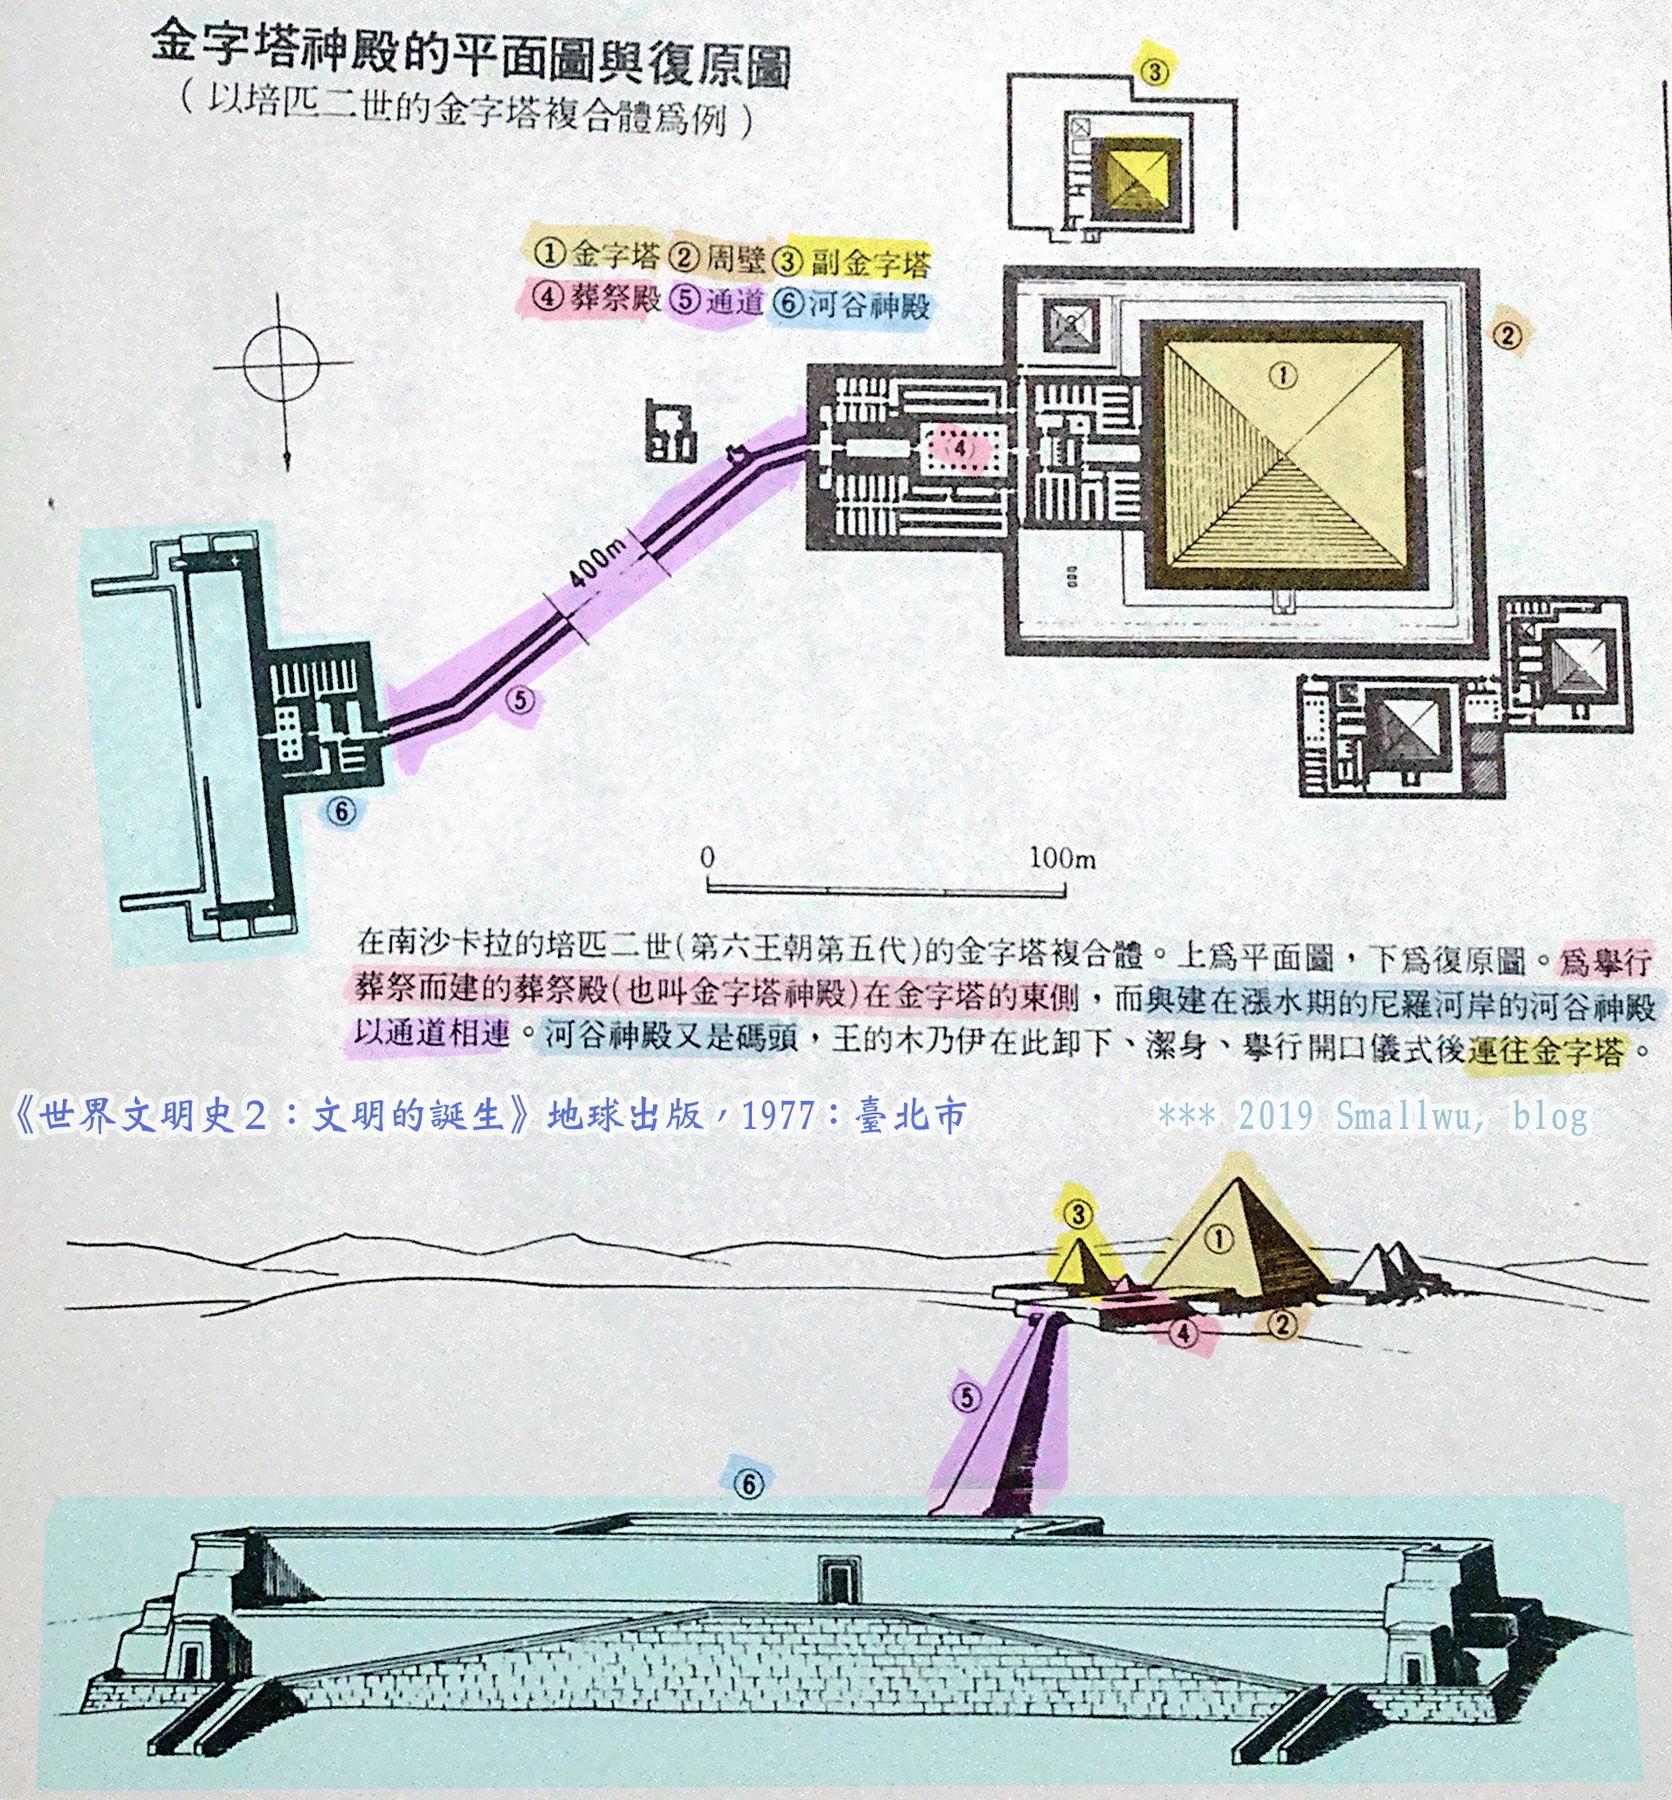 世界文明史2-文明的誕生-13 金字塔神殿平面圖 與復原圖.jpg